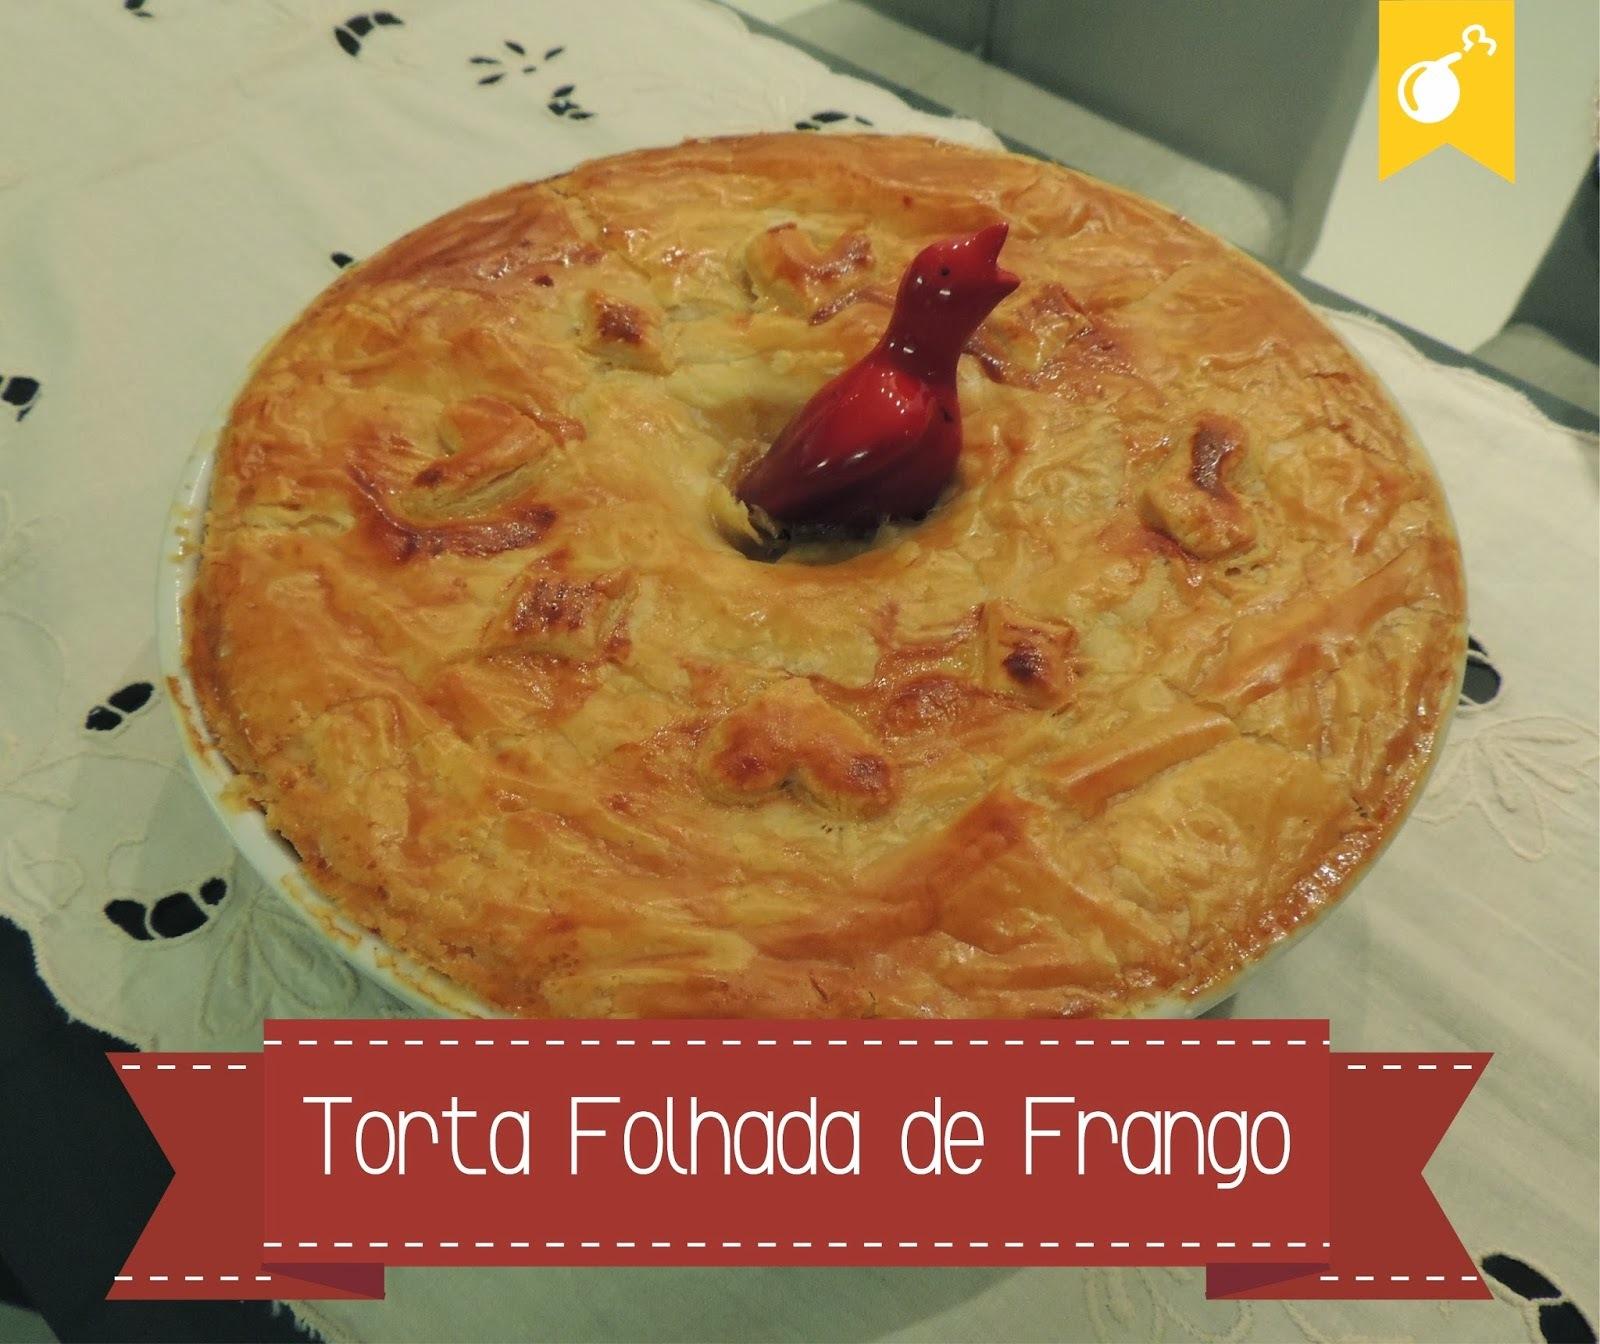 Torta Folhada de Frango